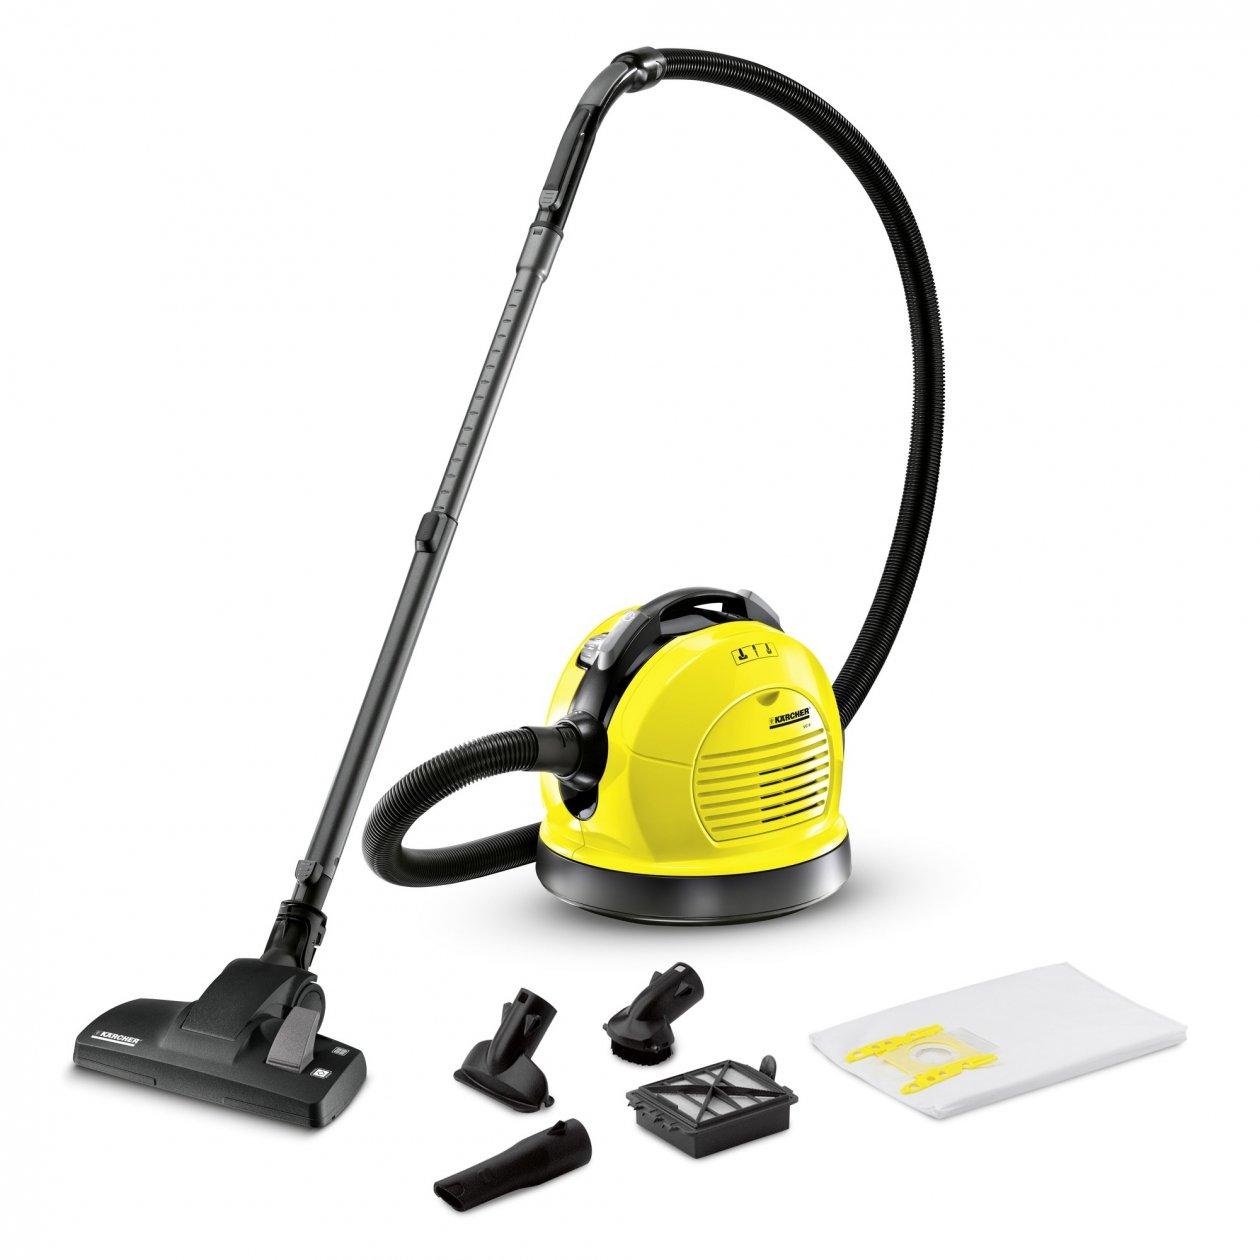 silencieux et hypoallerg/énique maniable coloris jaune-noir pivotant sur 306/° filtre haute performance K/ärcher Aspirateur tra/îneau VC 6 avec sac